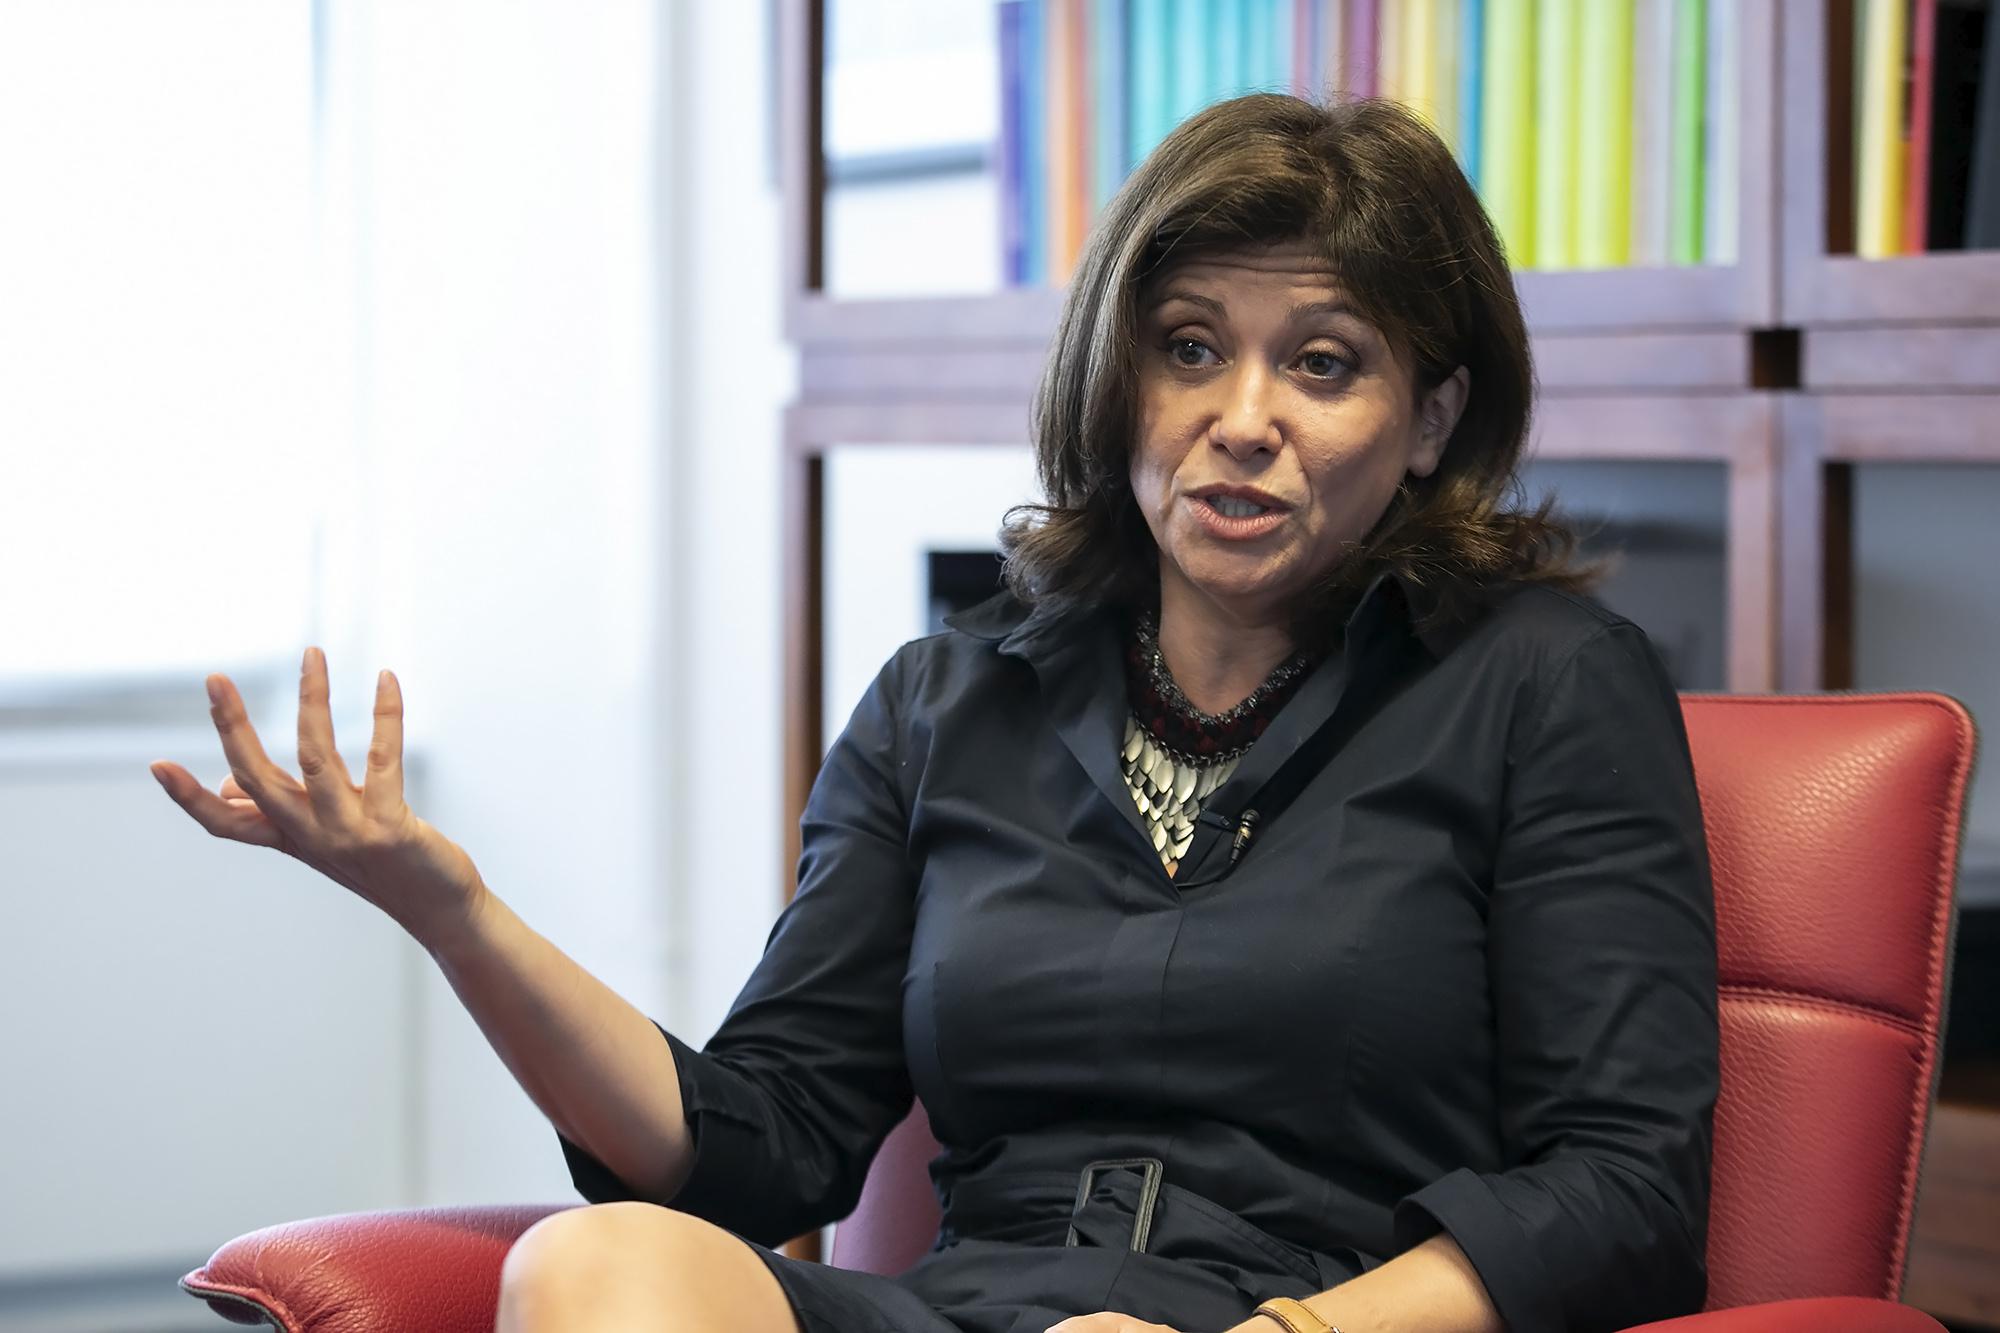 Filipa Calvão, Presidente da Comissão Nacional de Proteção de Dados, em entrevista ao ECO - 17MAI19